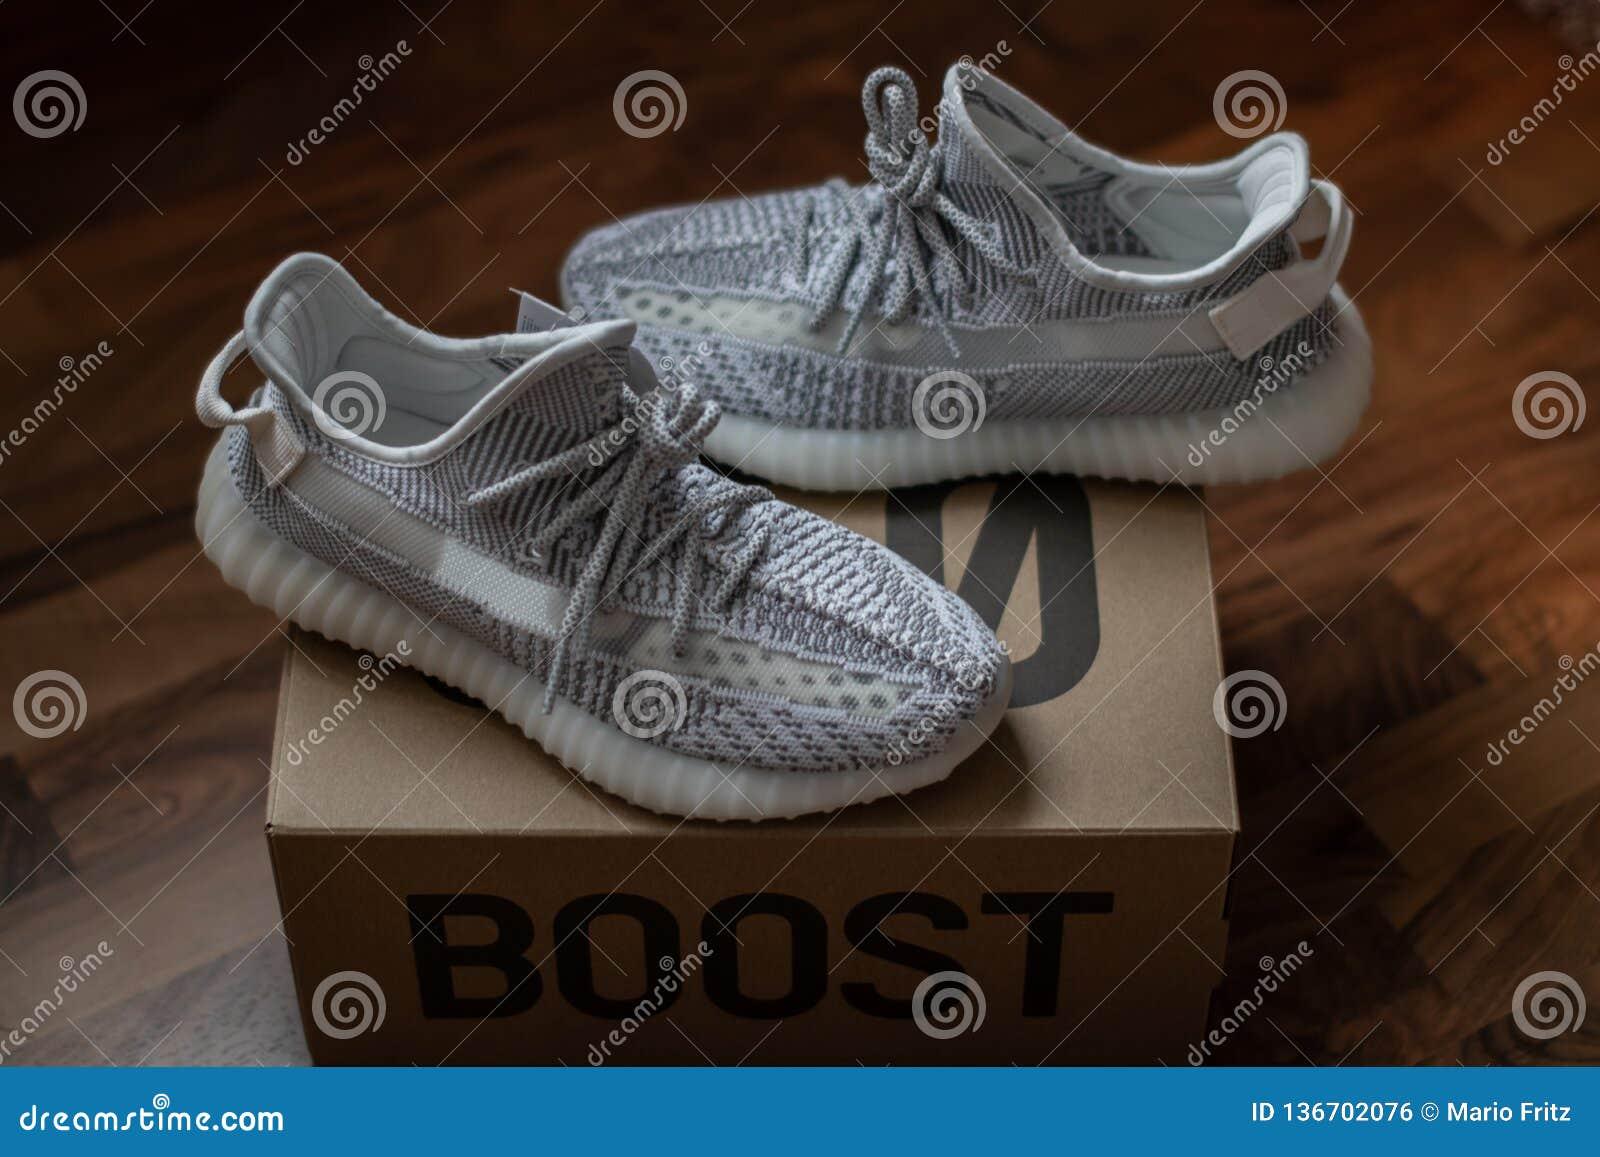 Posição V2 estática do impulso 350 de Adidas Yeezy na caixa 350 Liberado o 26 de dezembro de 2018